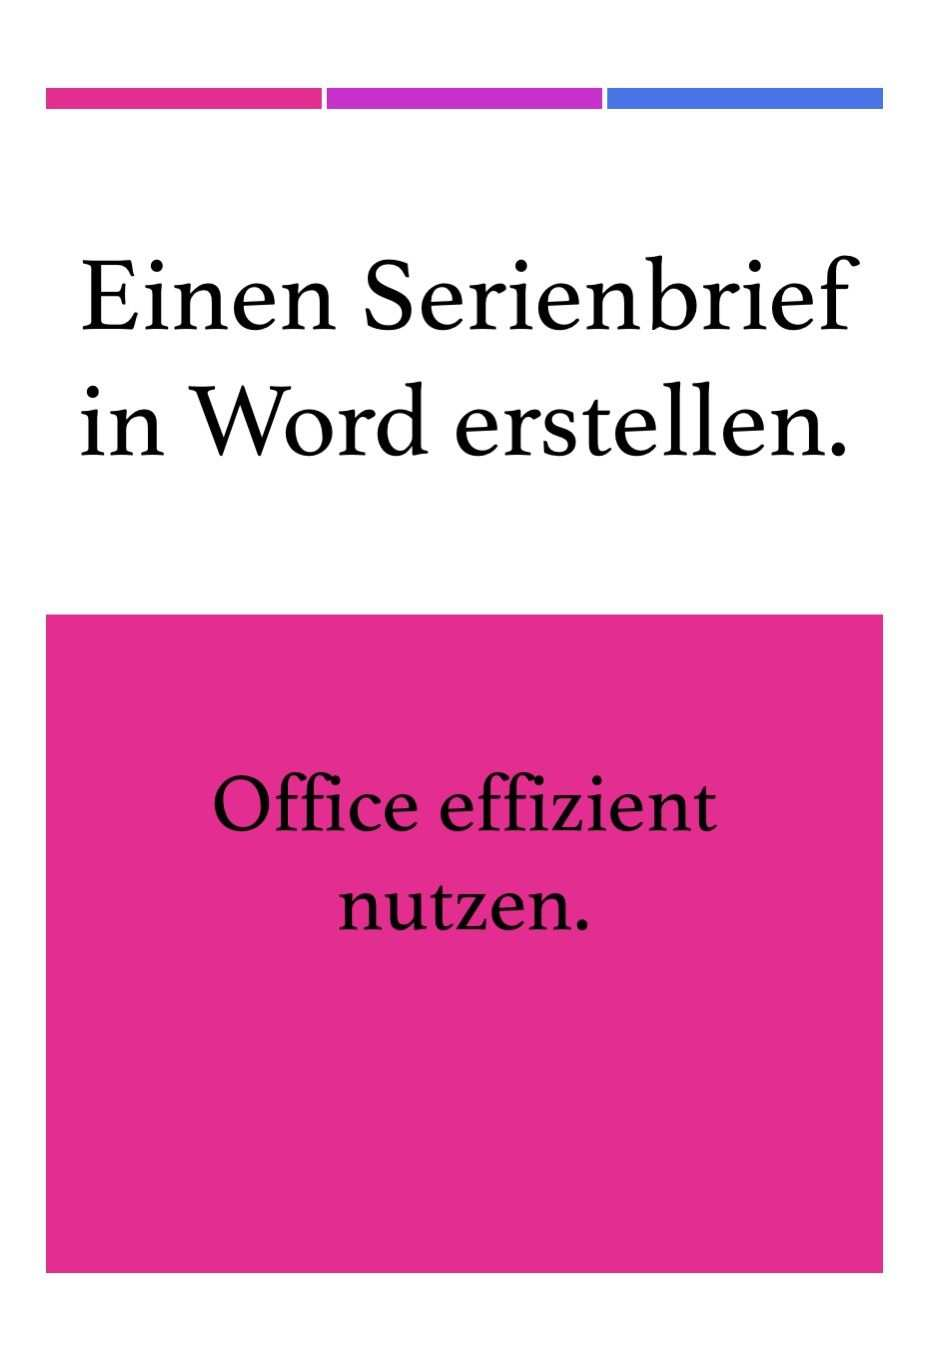 Einen Serienbrief In Word Erstellen Mit Bildern Tipps Und Tricks